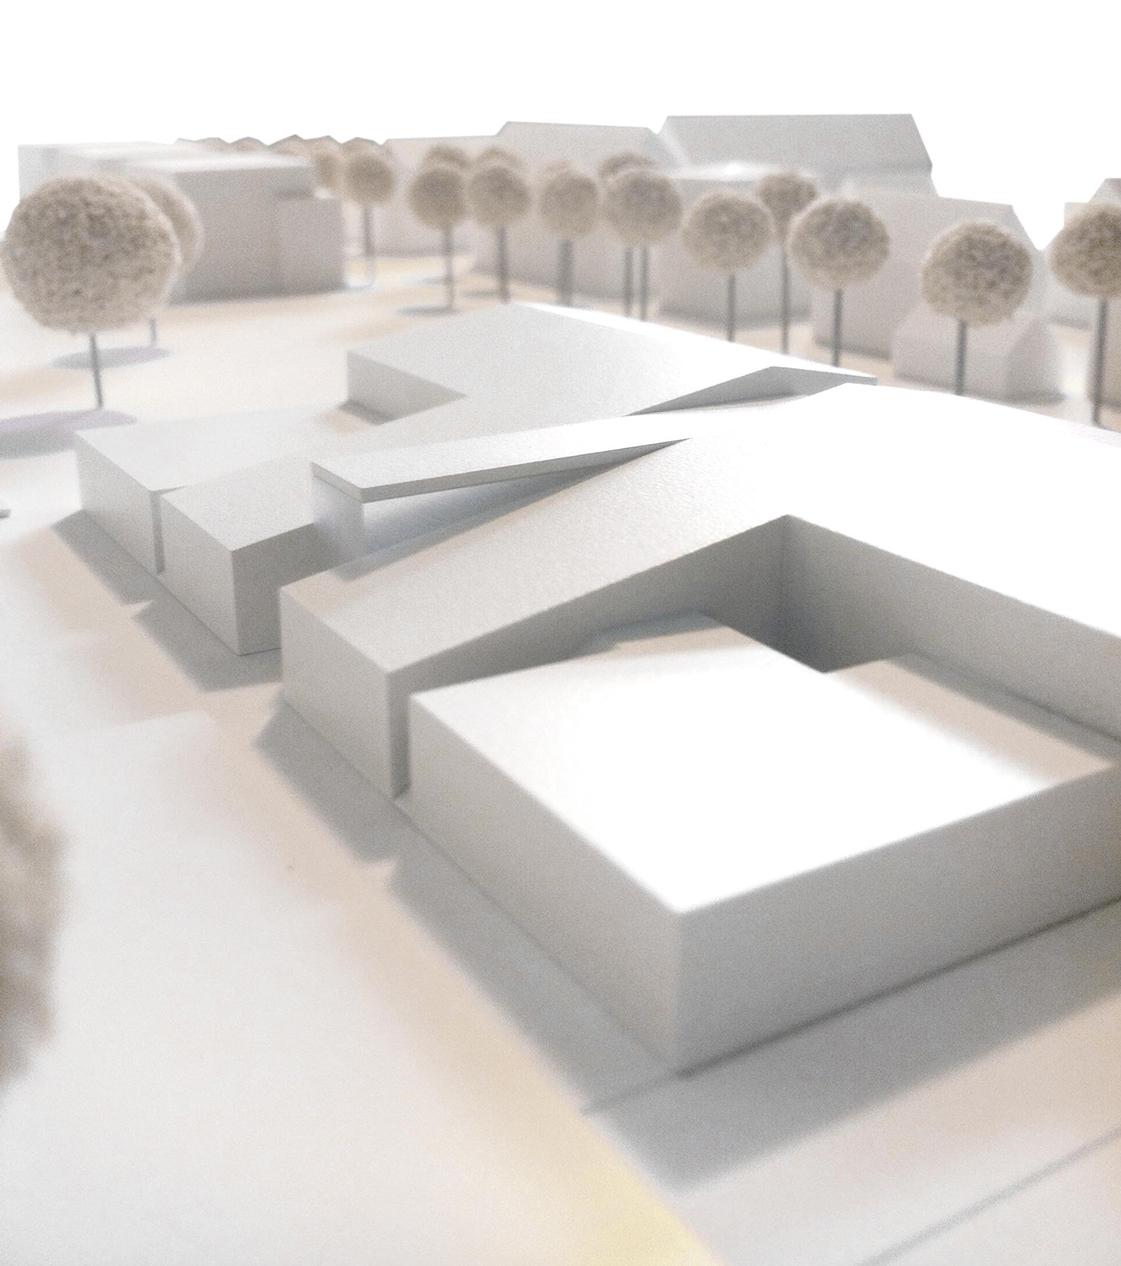 Architekt Friedrichshafen kinderhaus in riedlepark friedrichshafen christoph keiner architekt